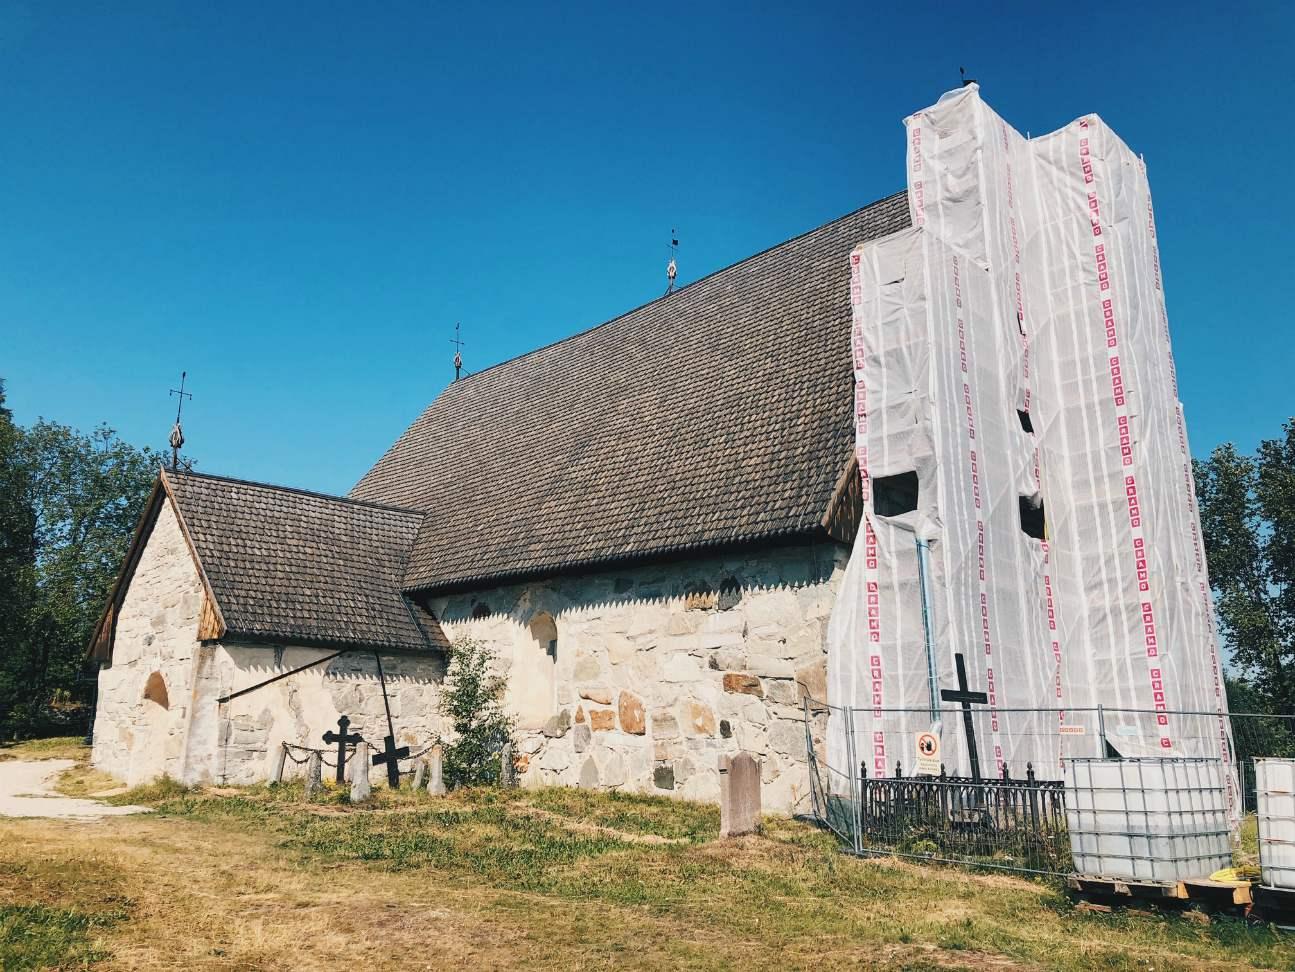 Kirkko oli vielä osittain kunnostustöiden alla, joten siitä oli vaikea saada hyvää kuvaa ulkoa.